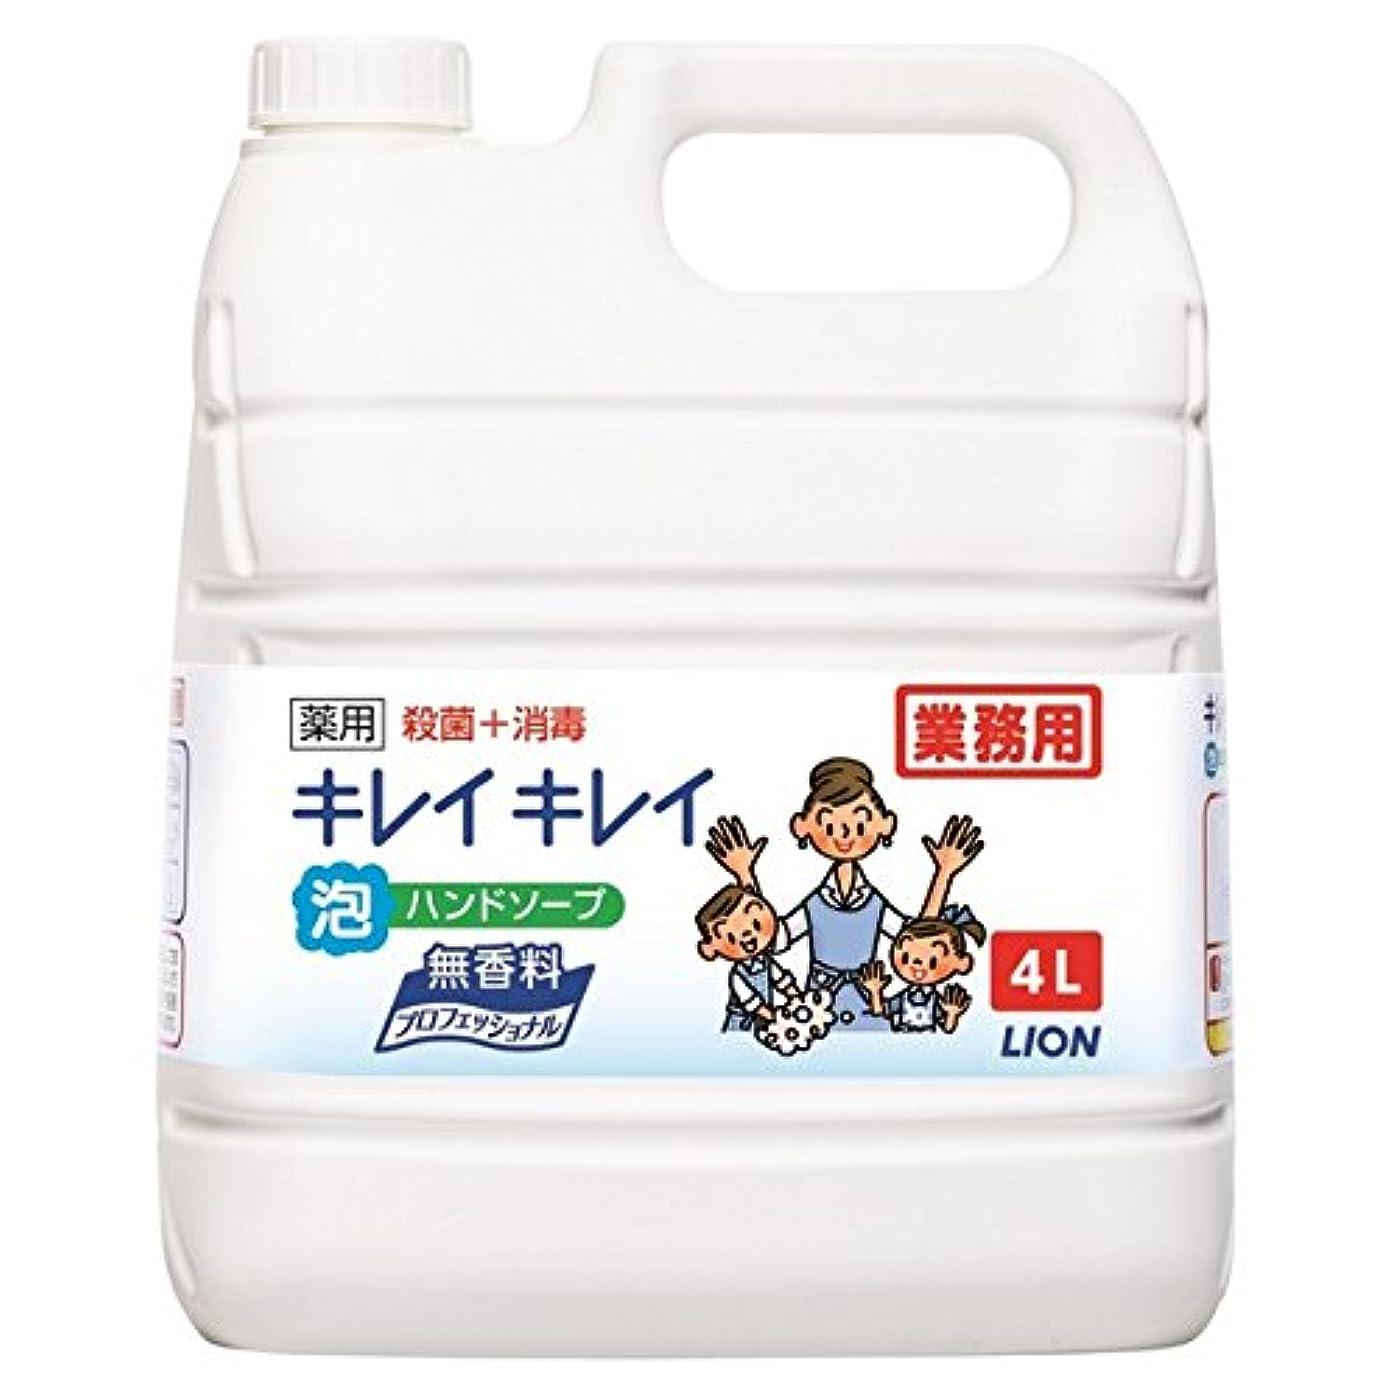 作業感じ最初ライオン キレイキレイ薬用泡ハンドソープ 無香料 4L×3本入